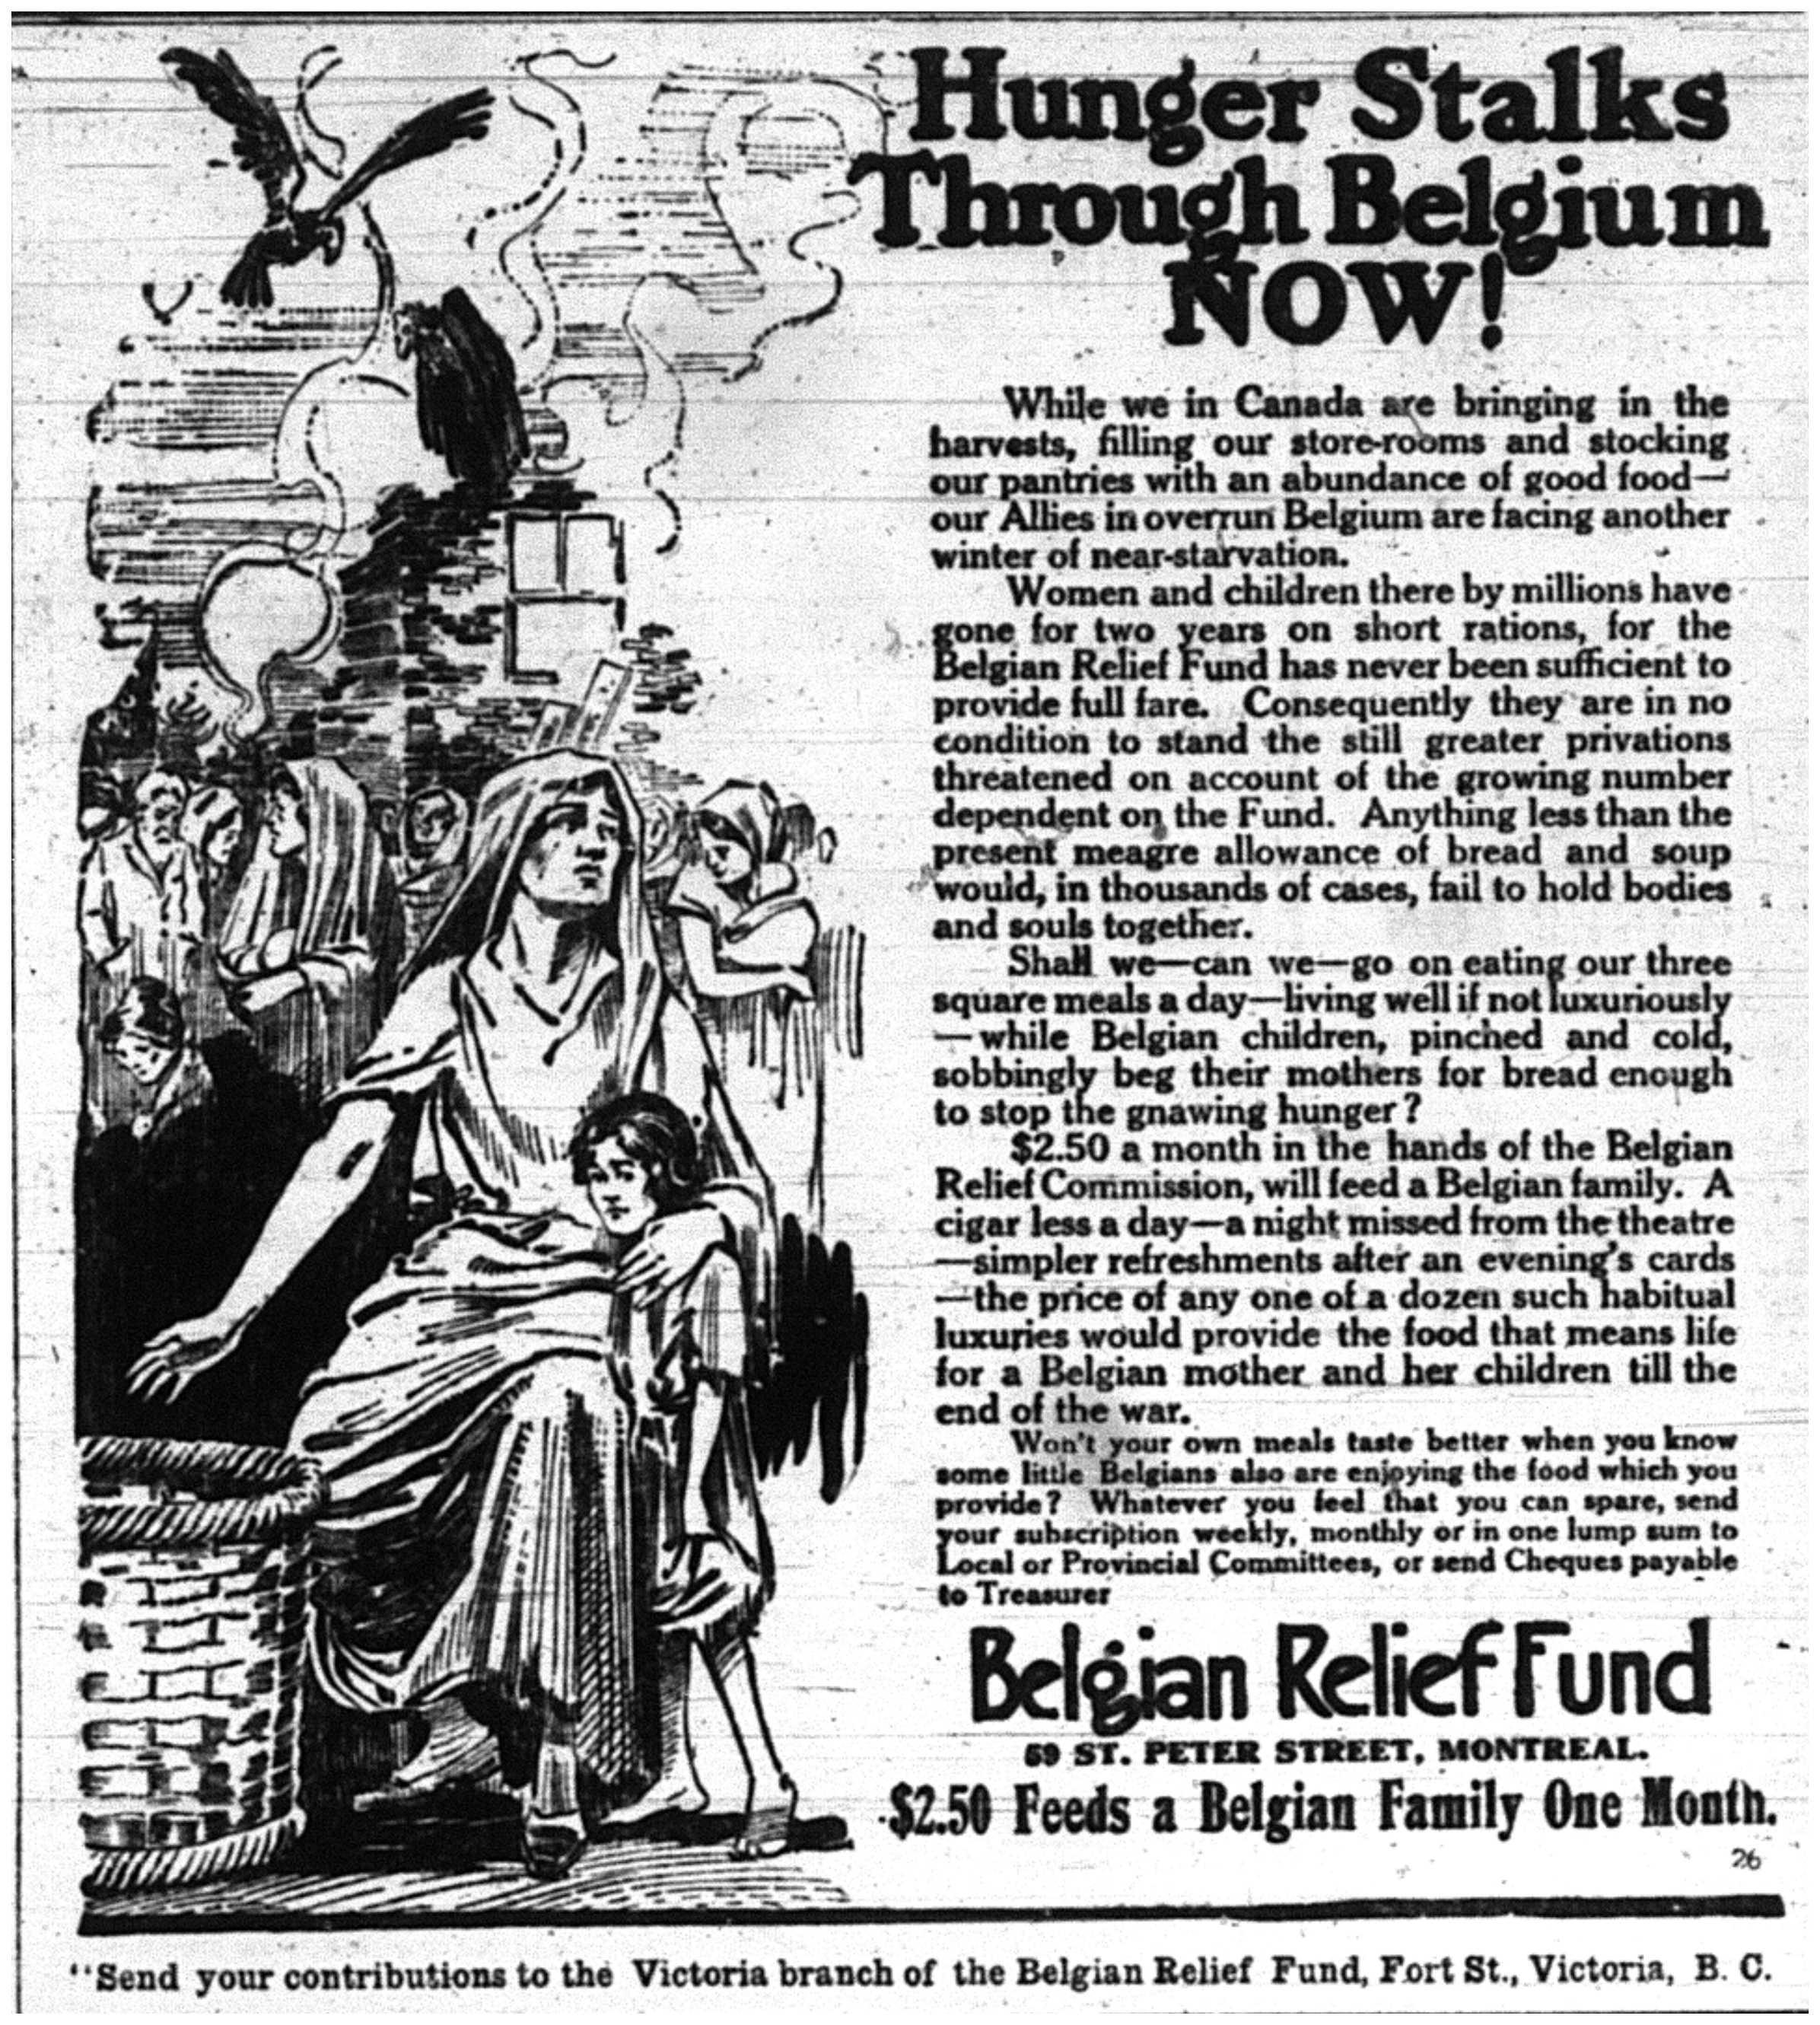 Hunger Stalks Belgium